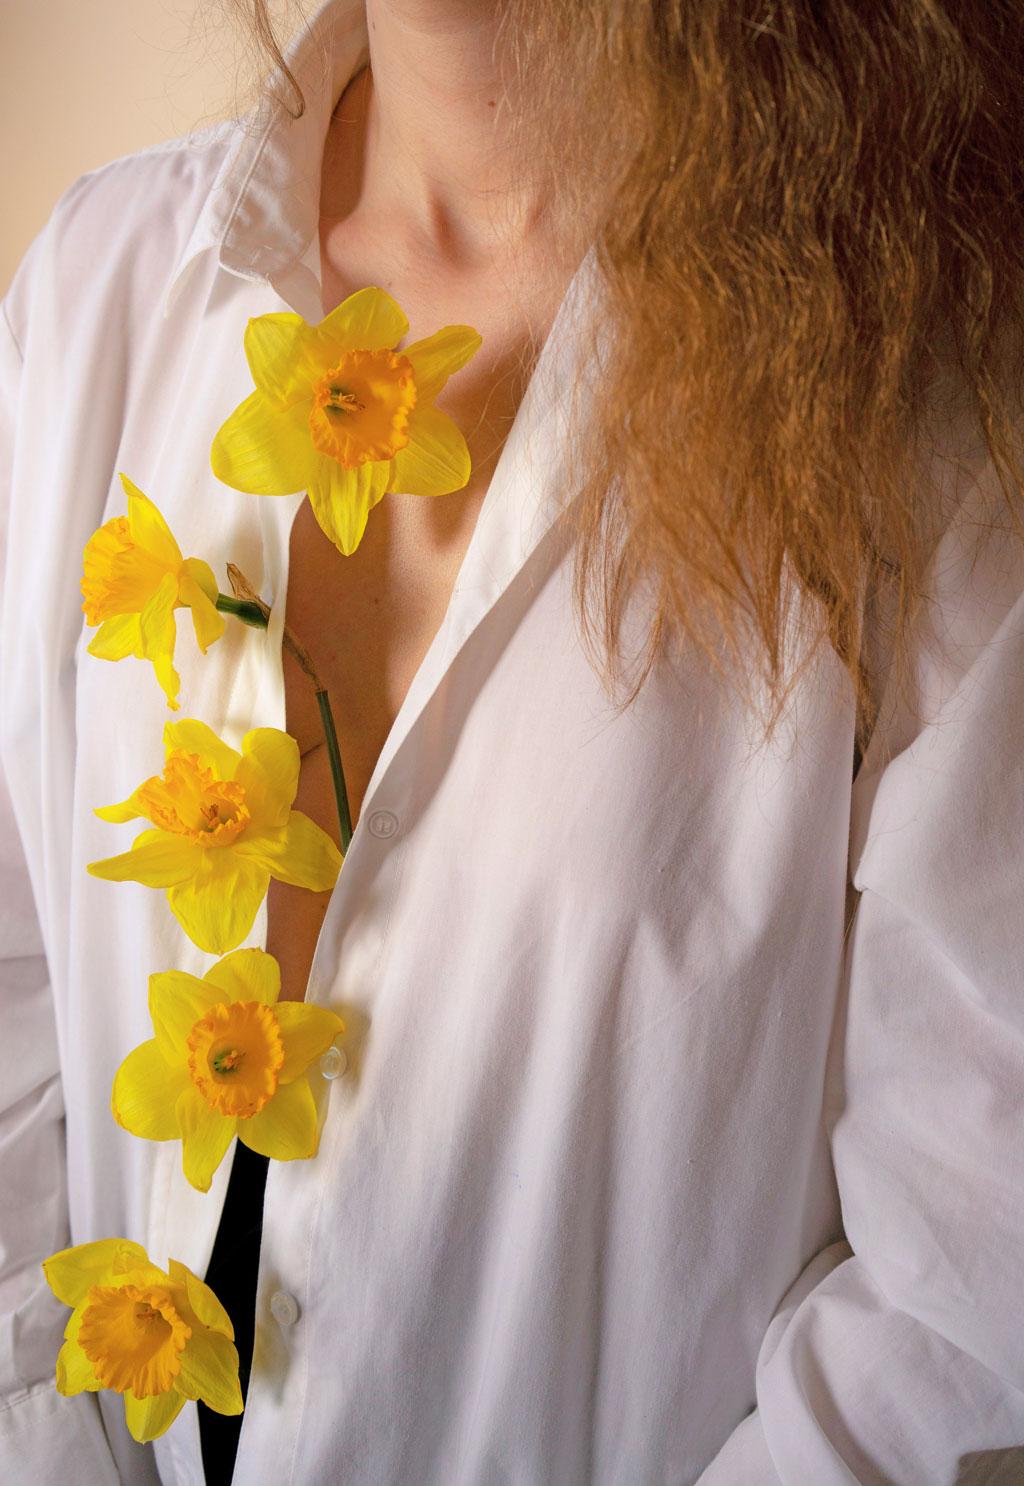 Femme avec des fleurs sur la poitrine